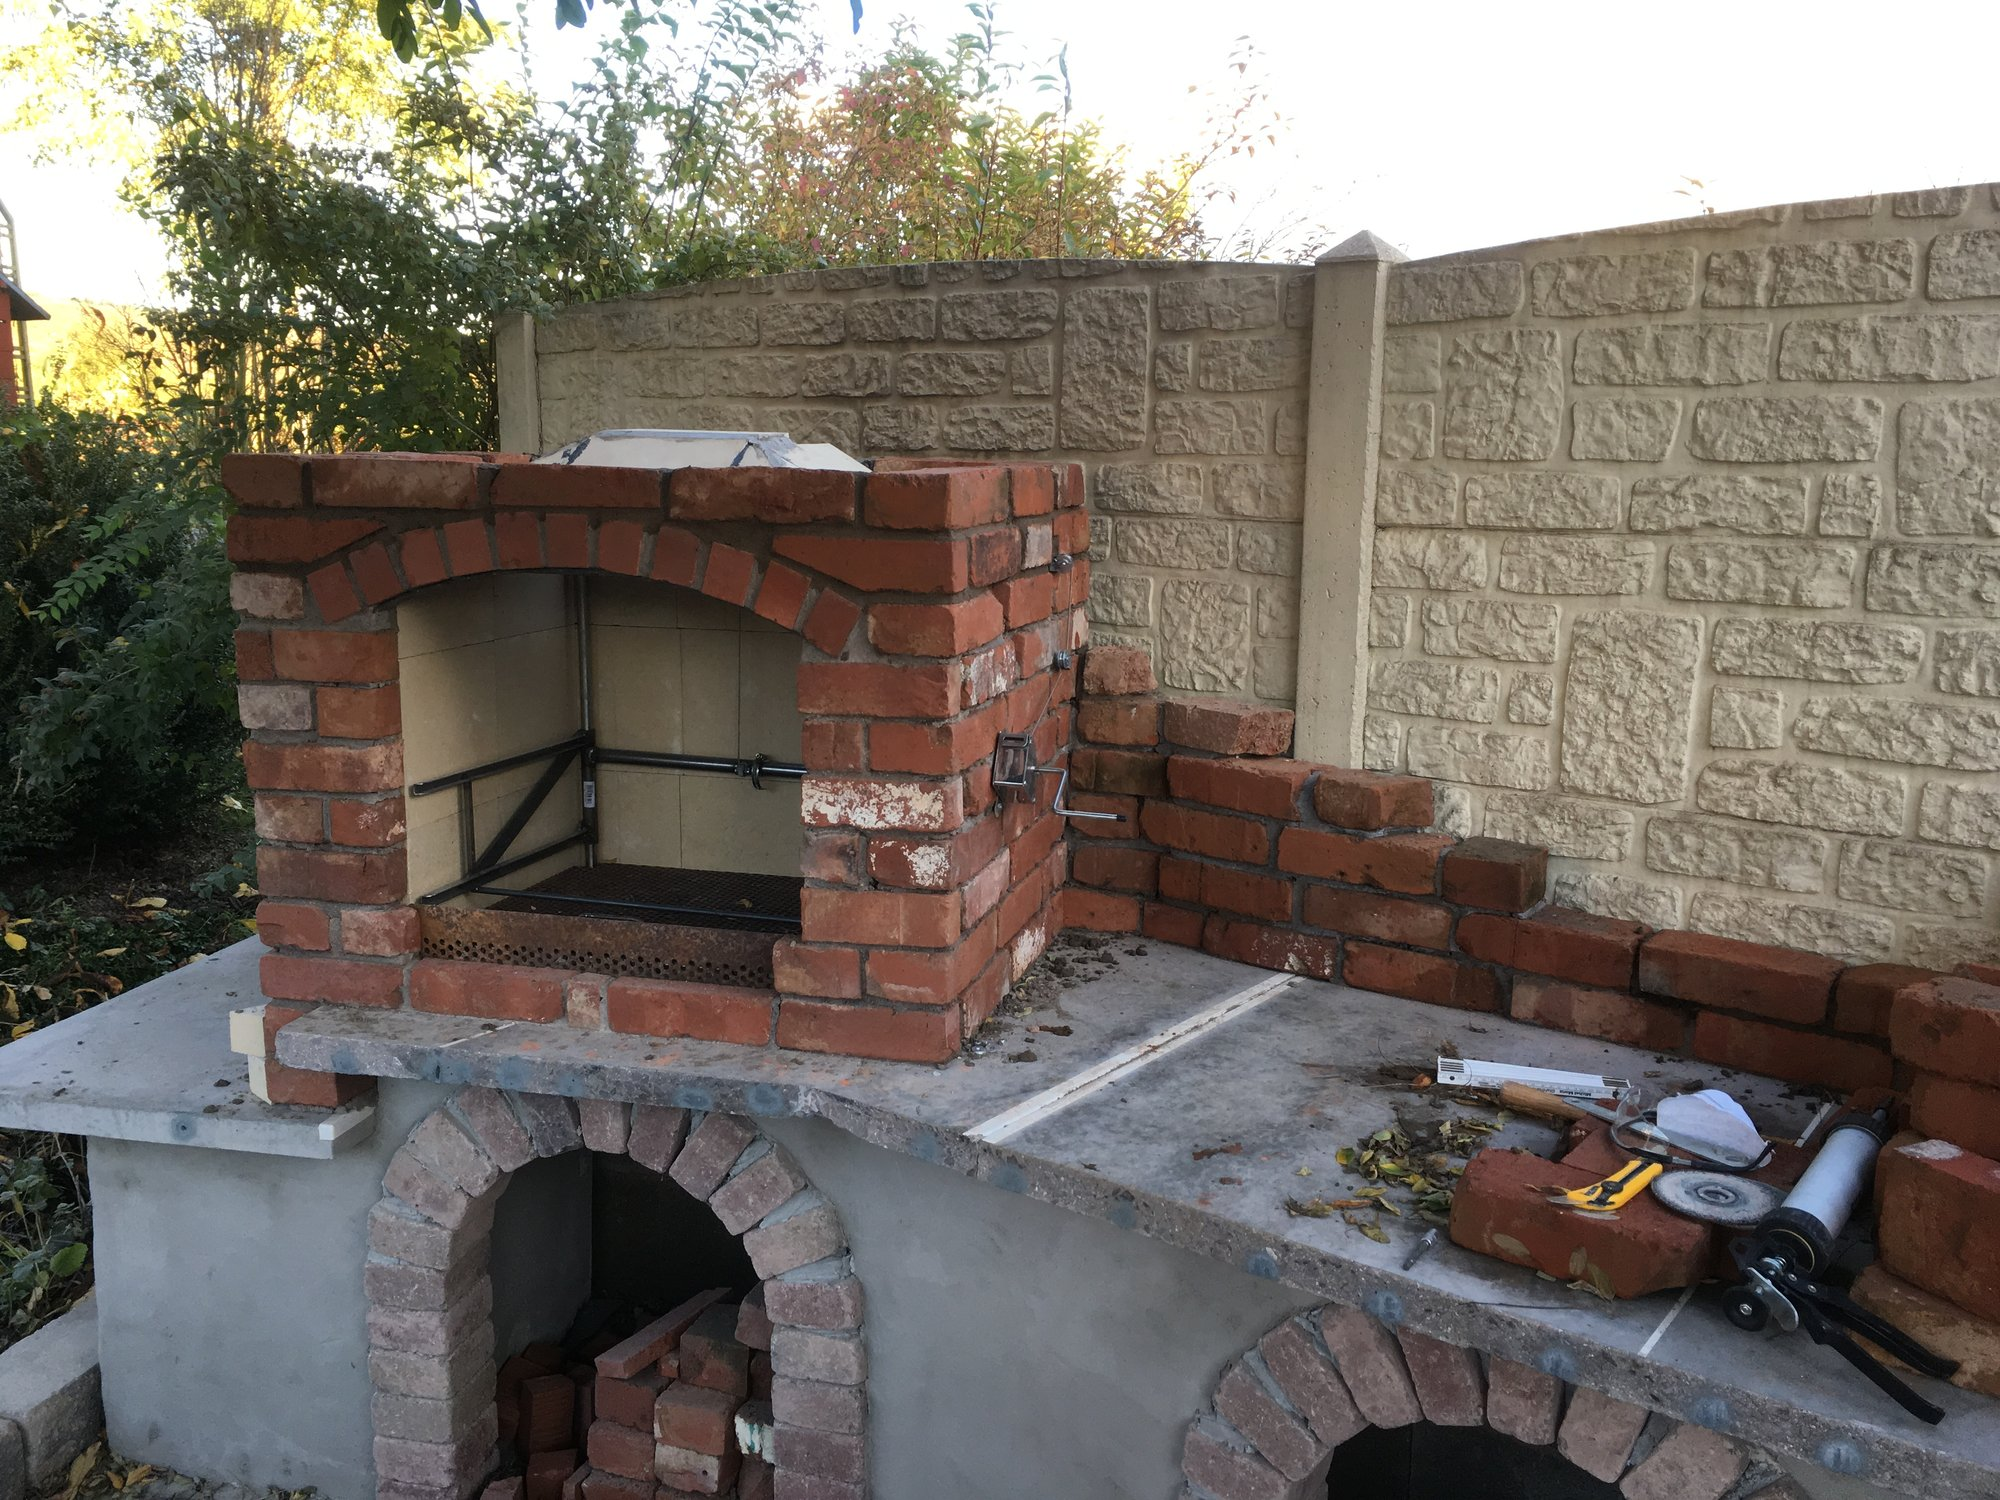 Außenküche Selber Bauen Grillsportverein : Outdoor küche grillsportverein meine outdoorküche und grill